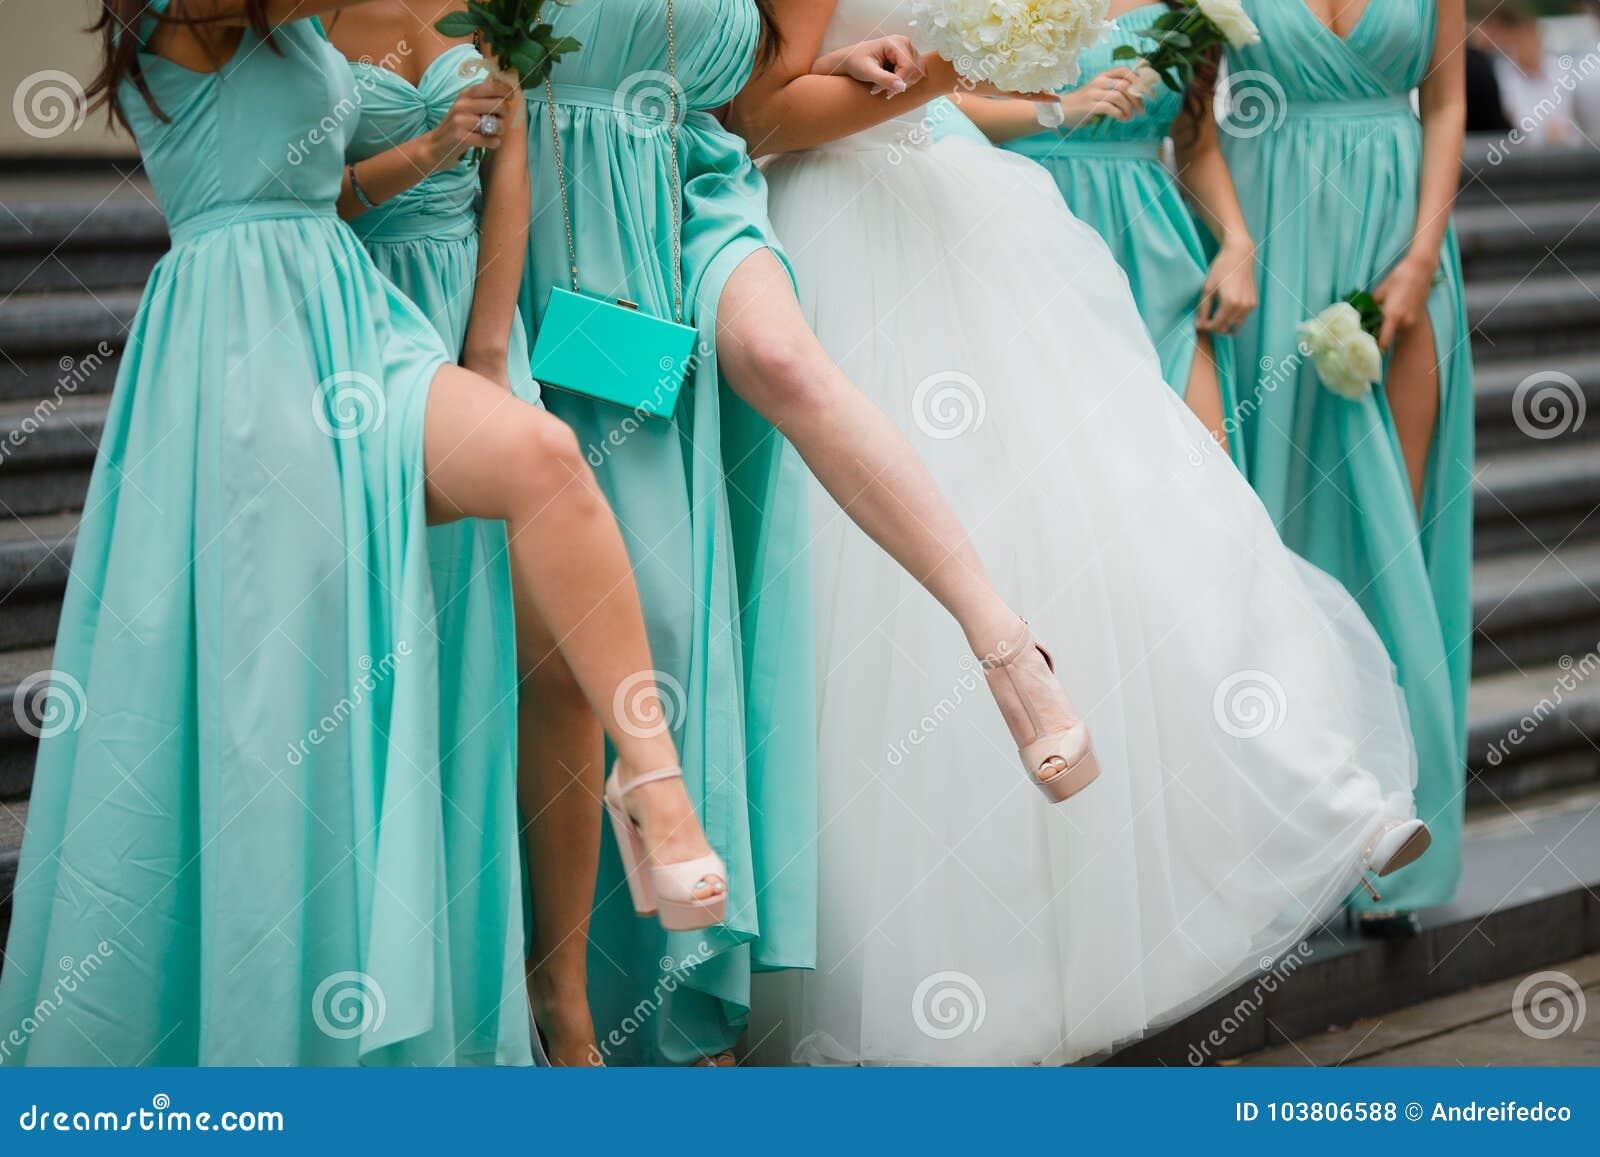 Piernas de las damas de honor Vestido en vestidos azules En el fondo de escaleras